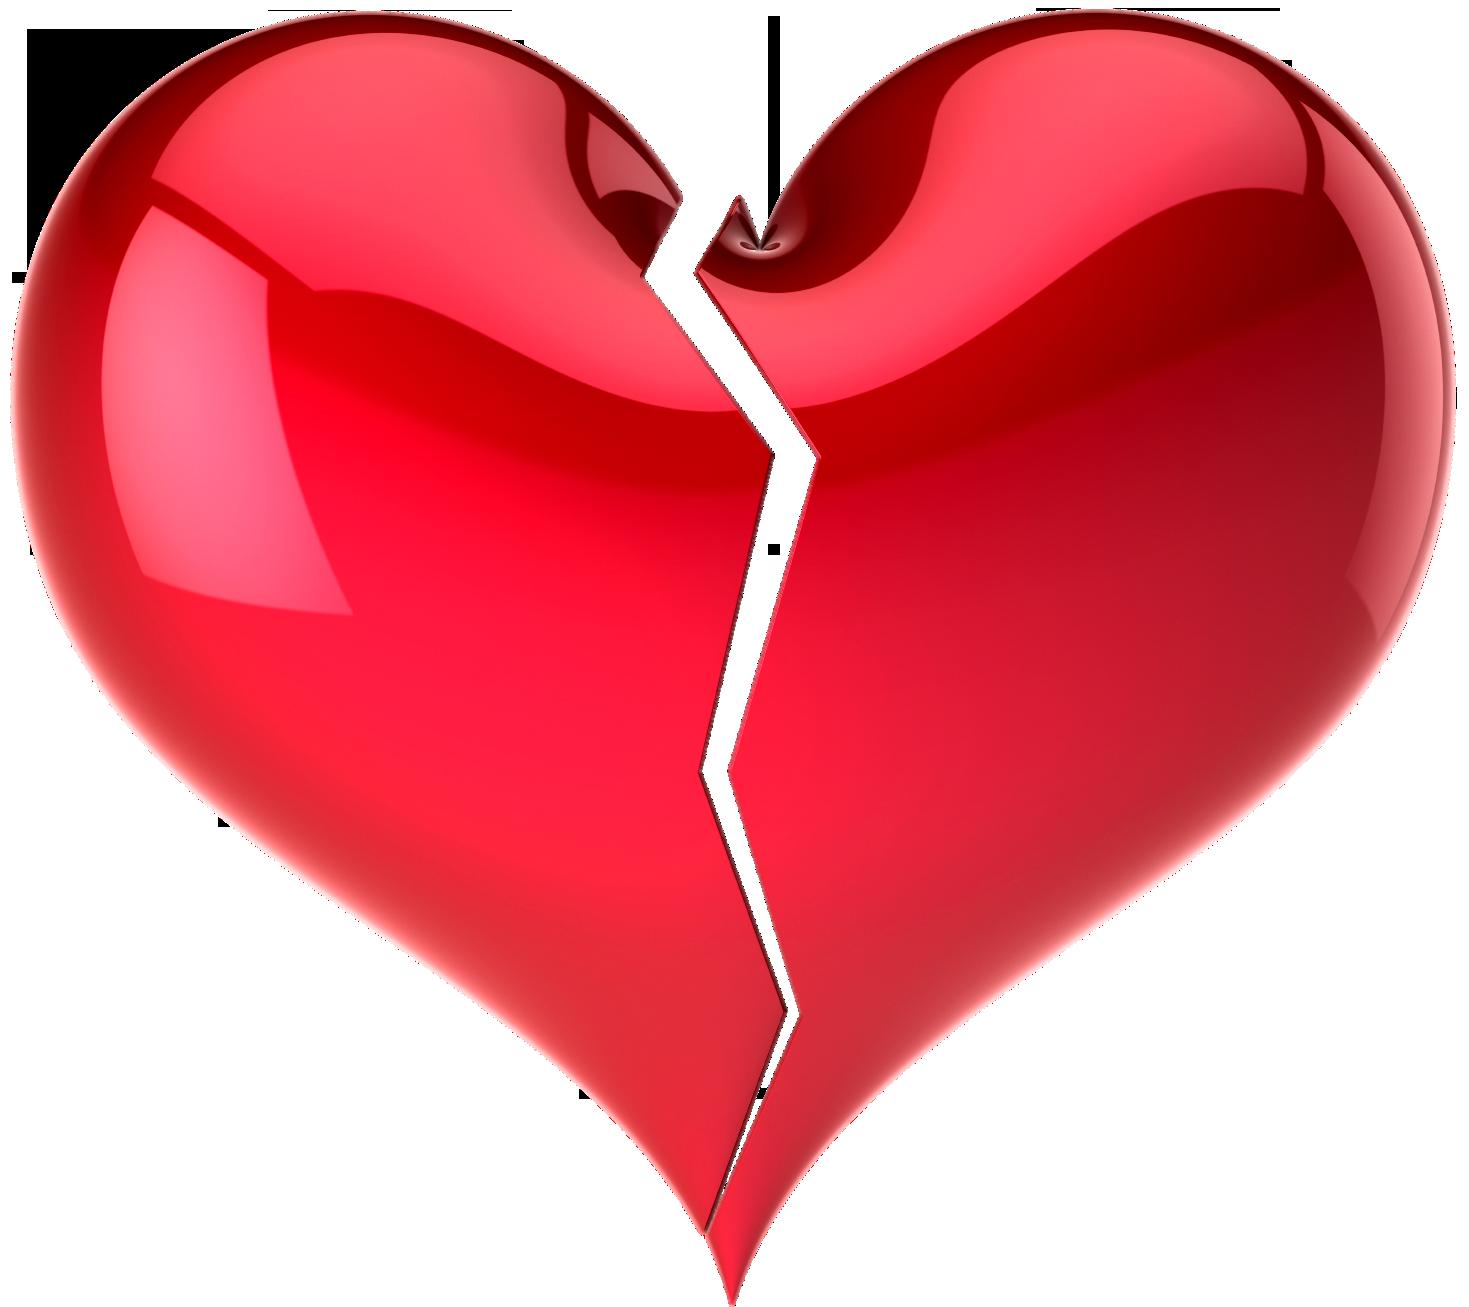 Broken Heart PNG Images Transparent Free Download | PNGMart.com clip art freeuse download